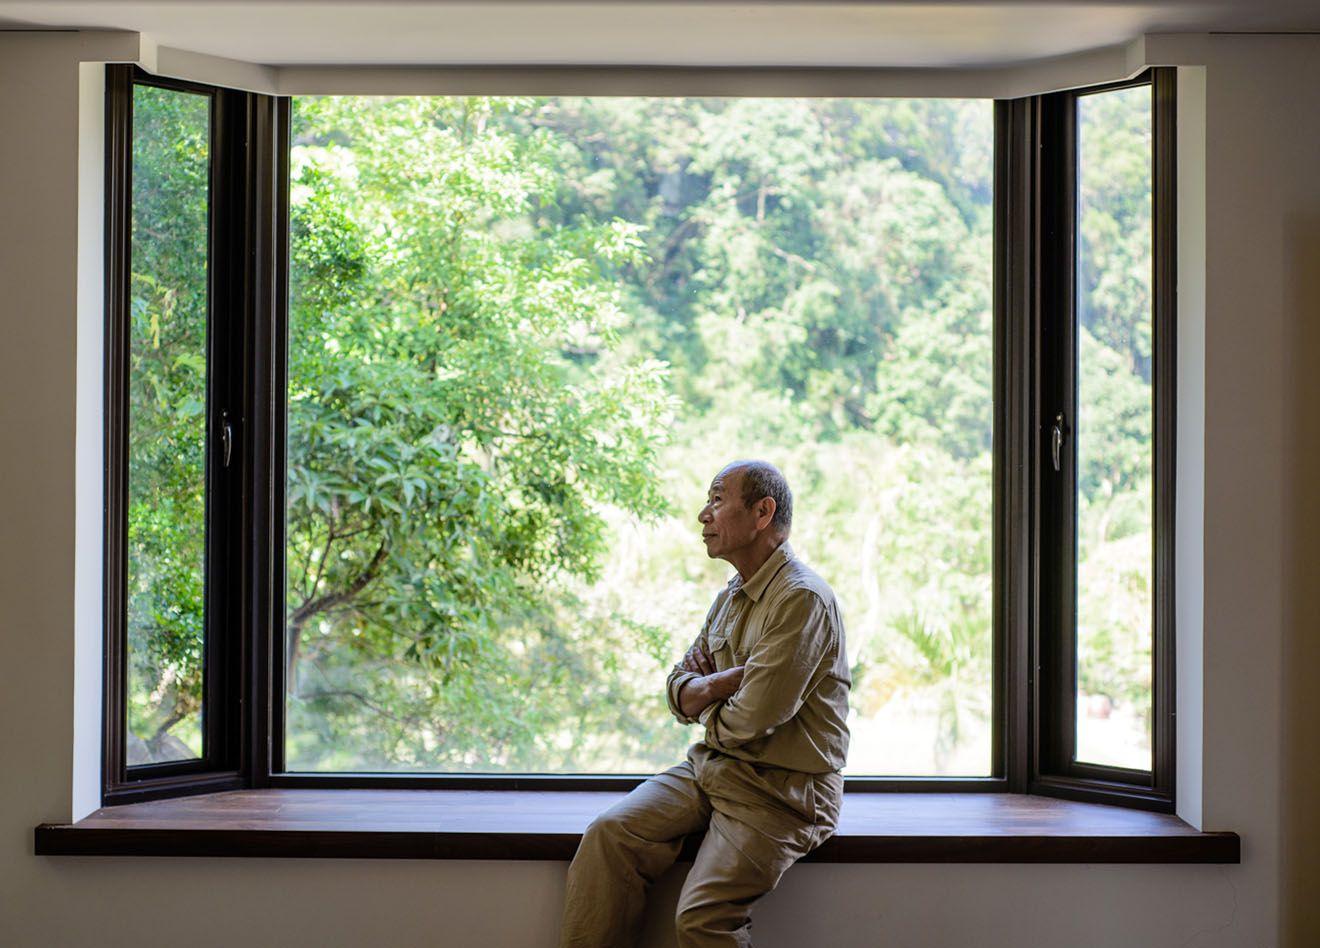 旅法藝術家吳炫三的專訪紀實